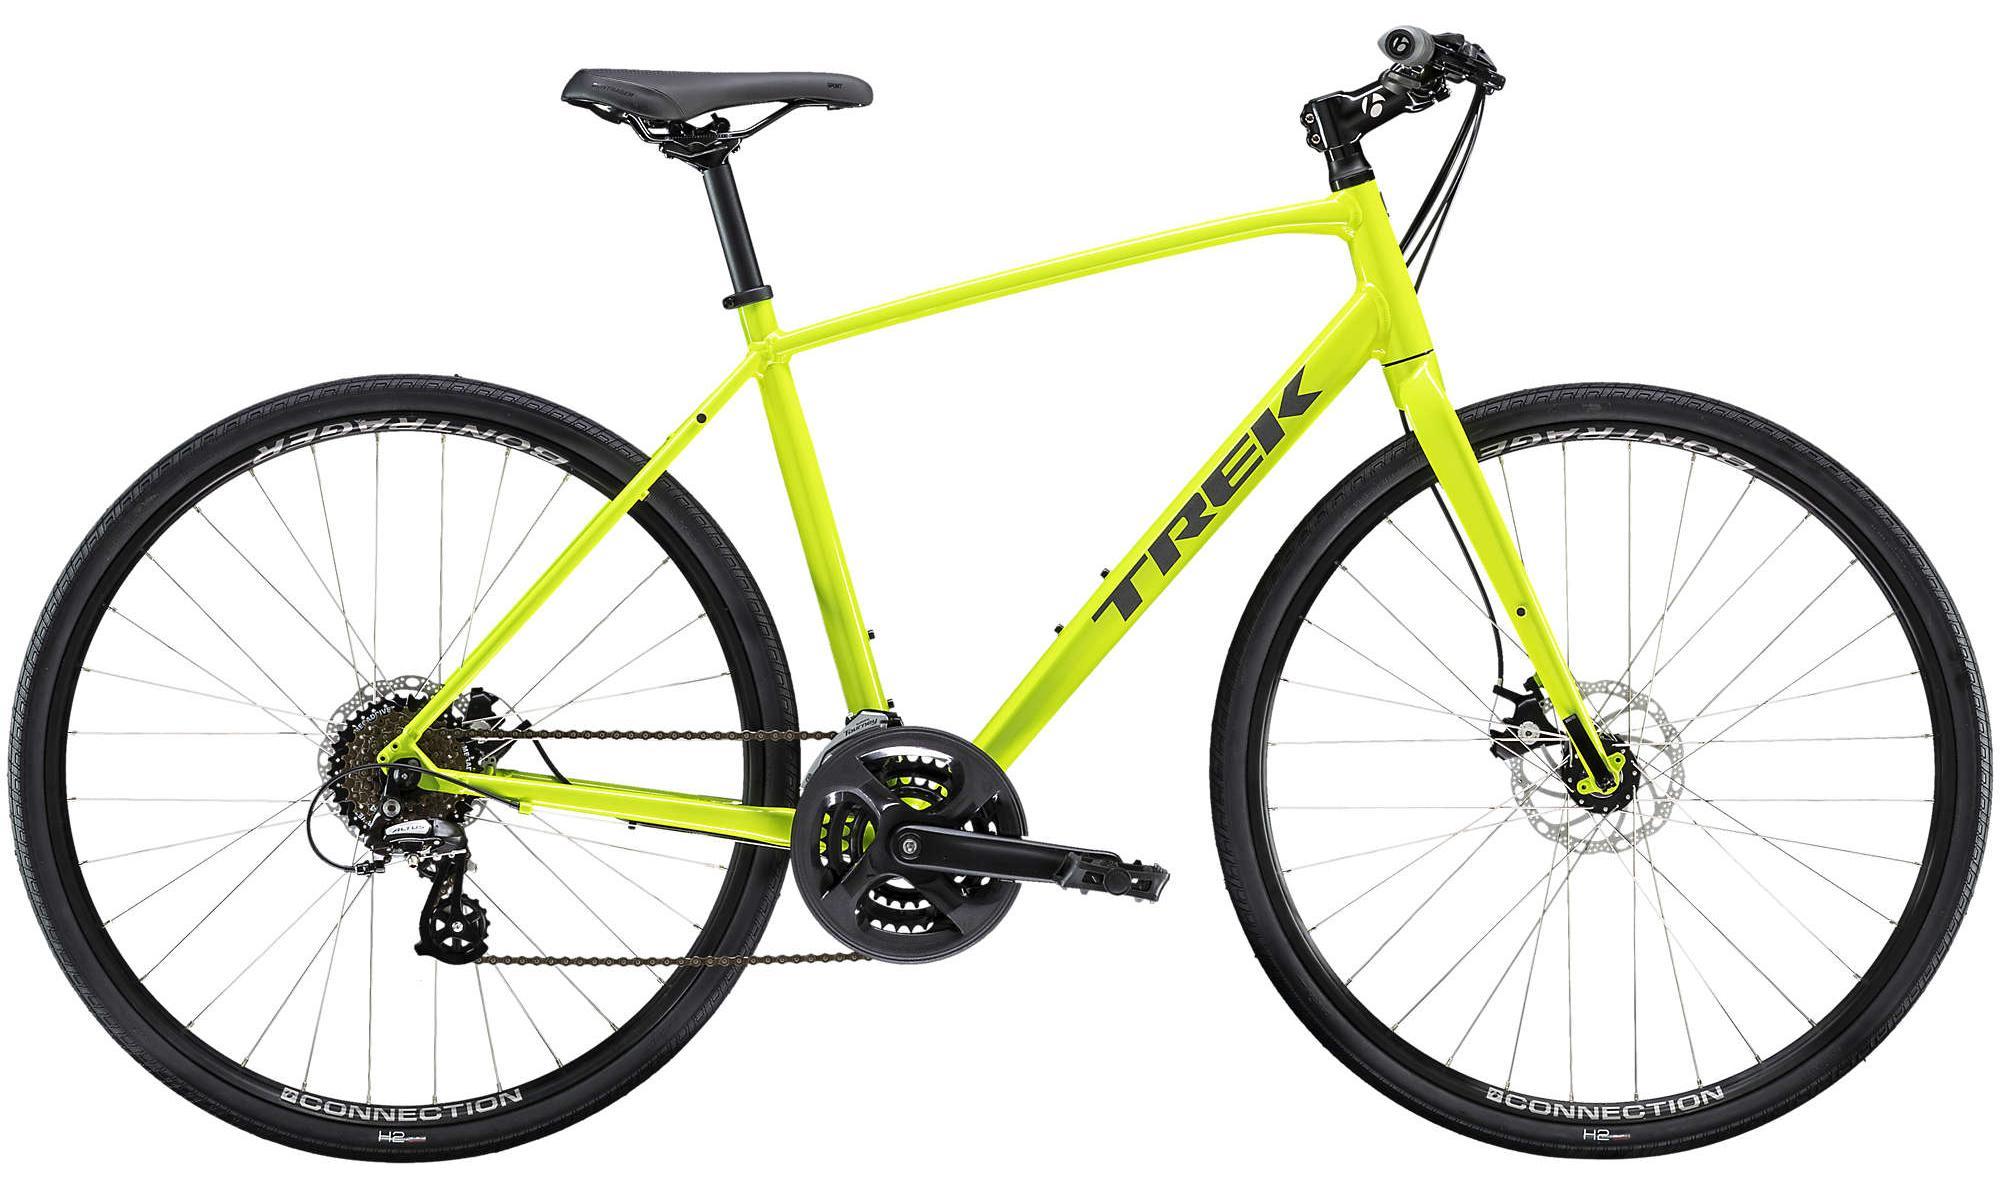 TREK Велосипед TREK FX 1 DISC (2020) желтый M фото